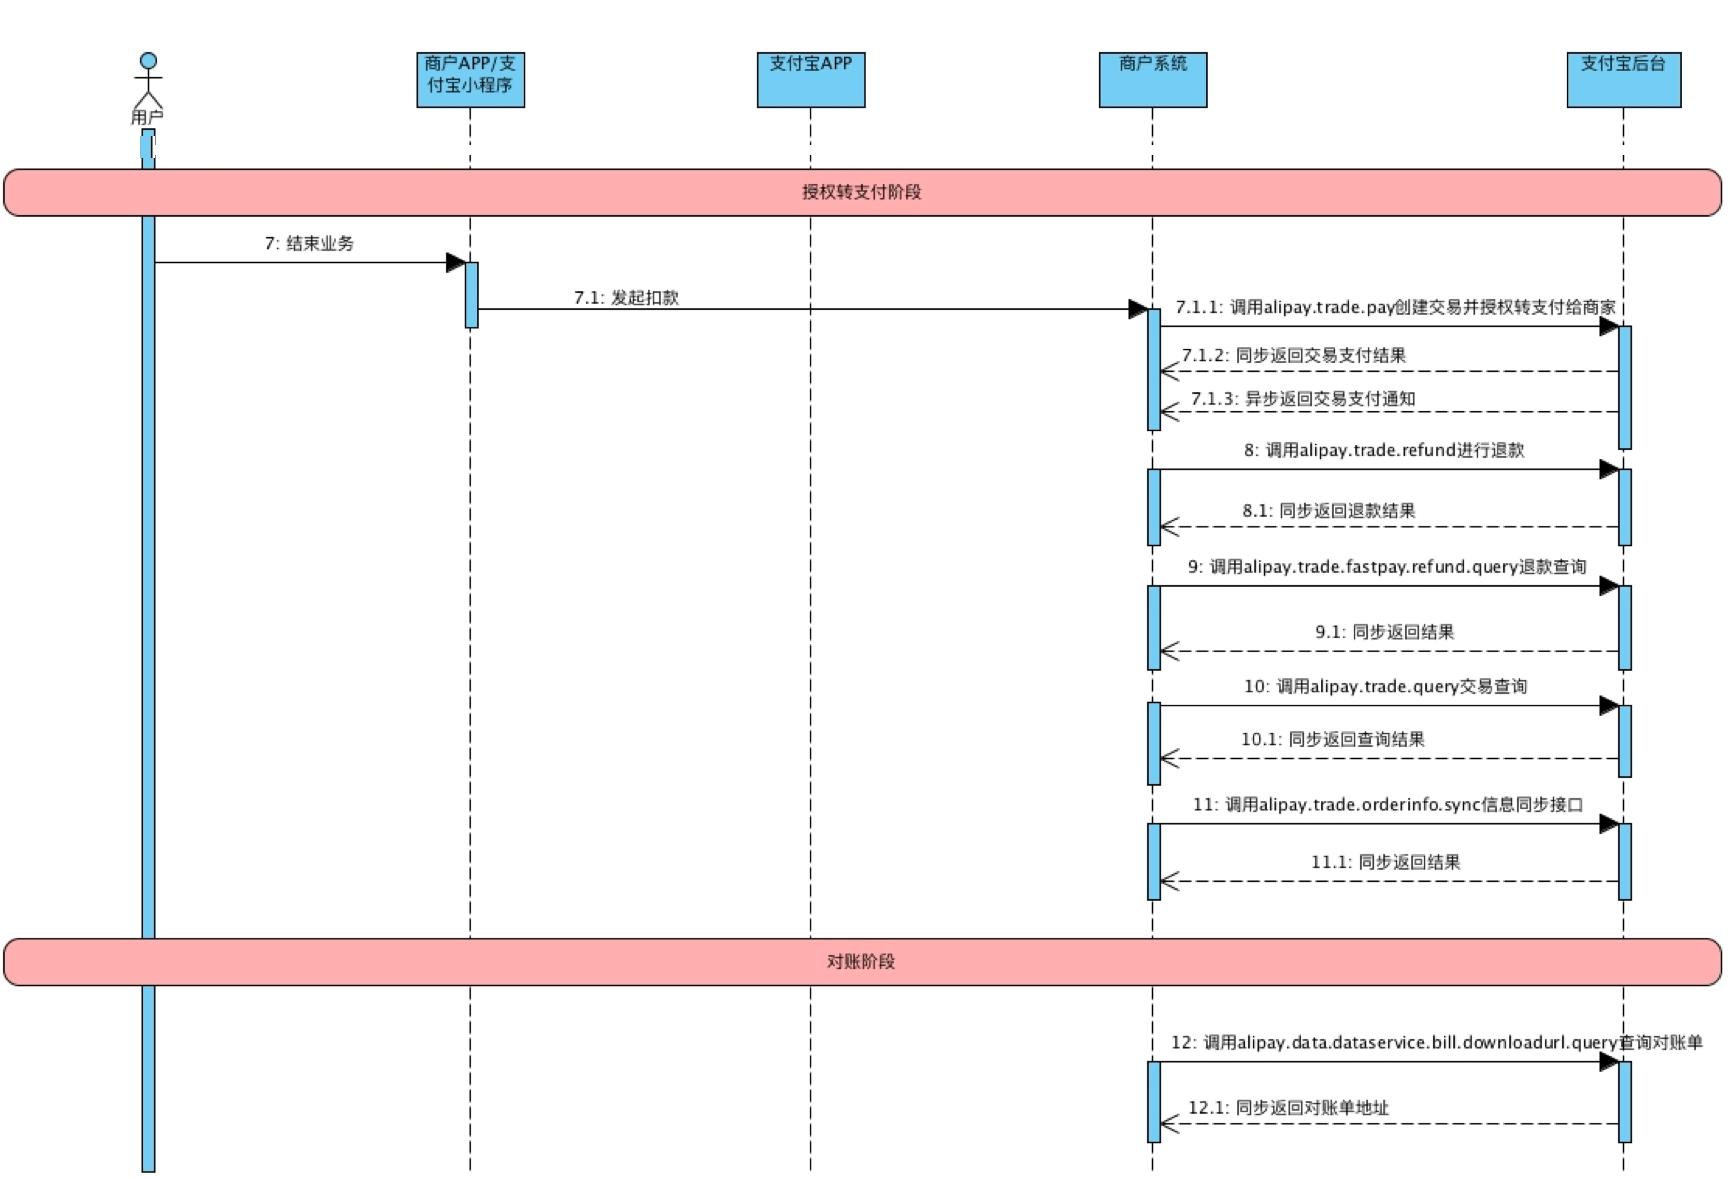 资金授权流程图 2.png